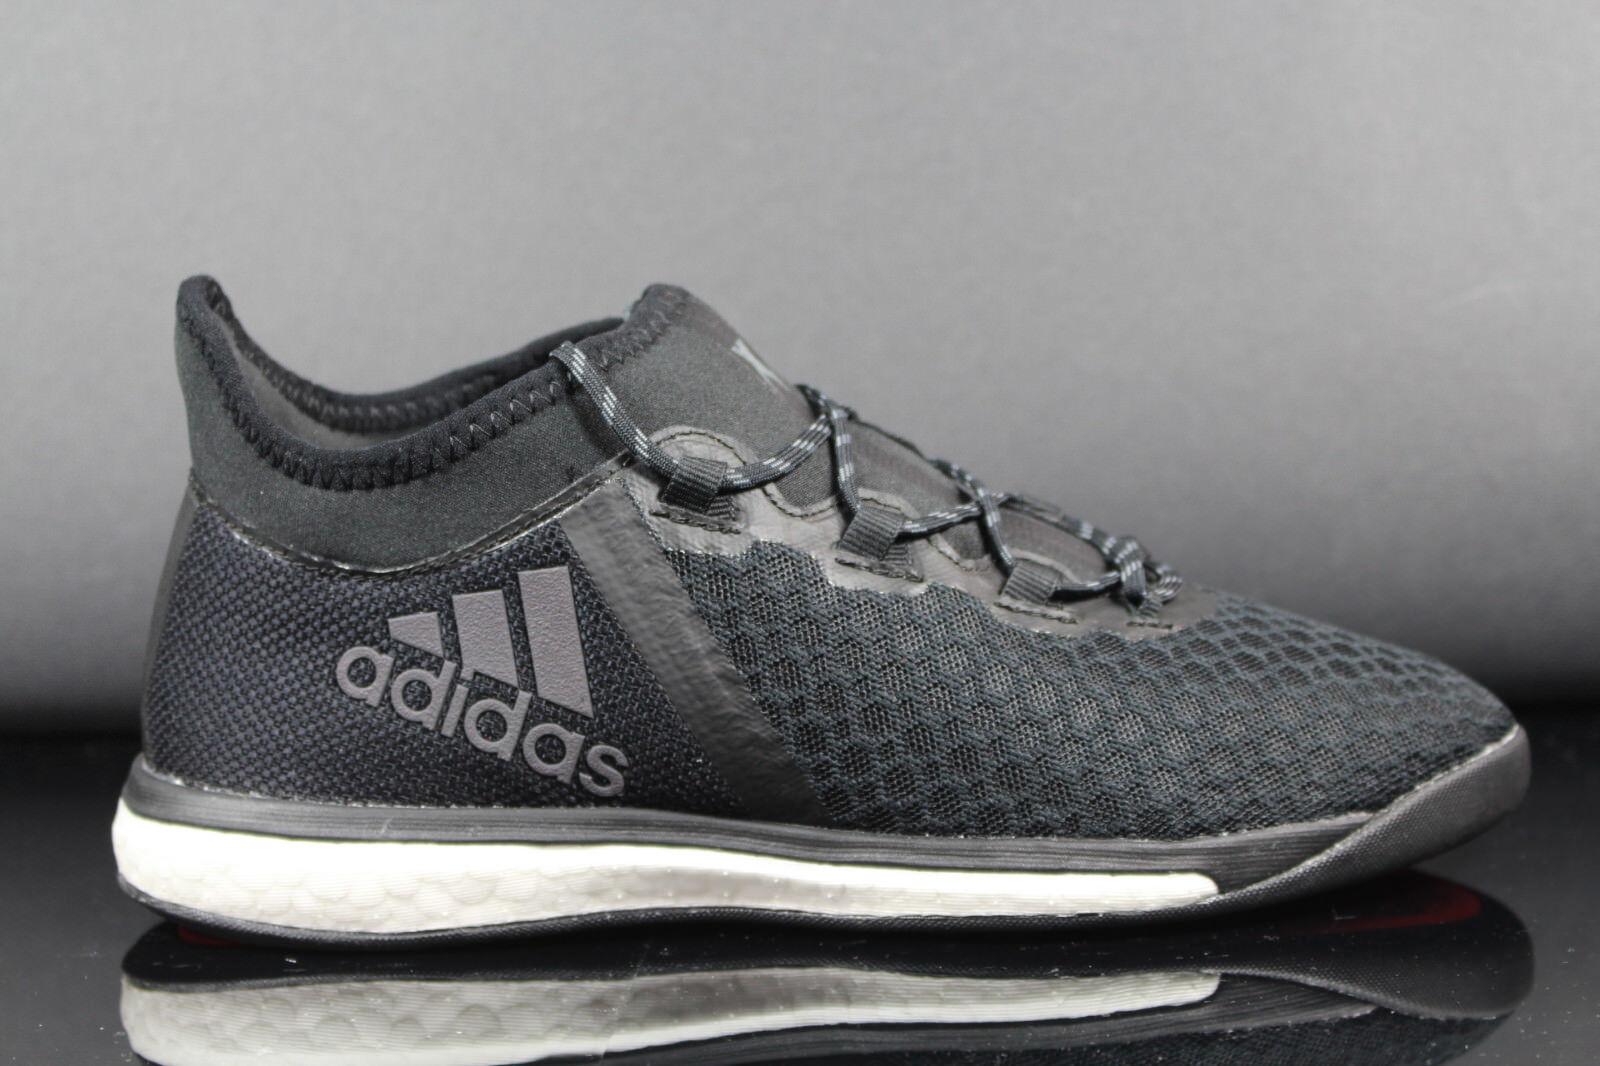 Nuevo adidas x 16.1 Street botas de fútbol señores Boost negro bb3801